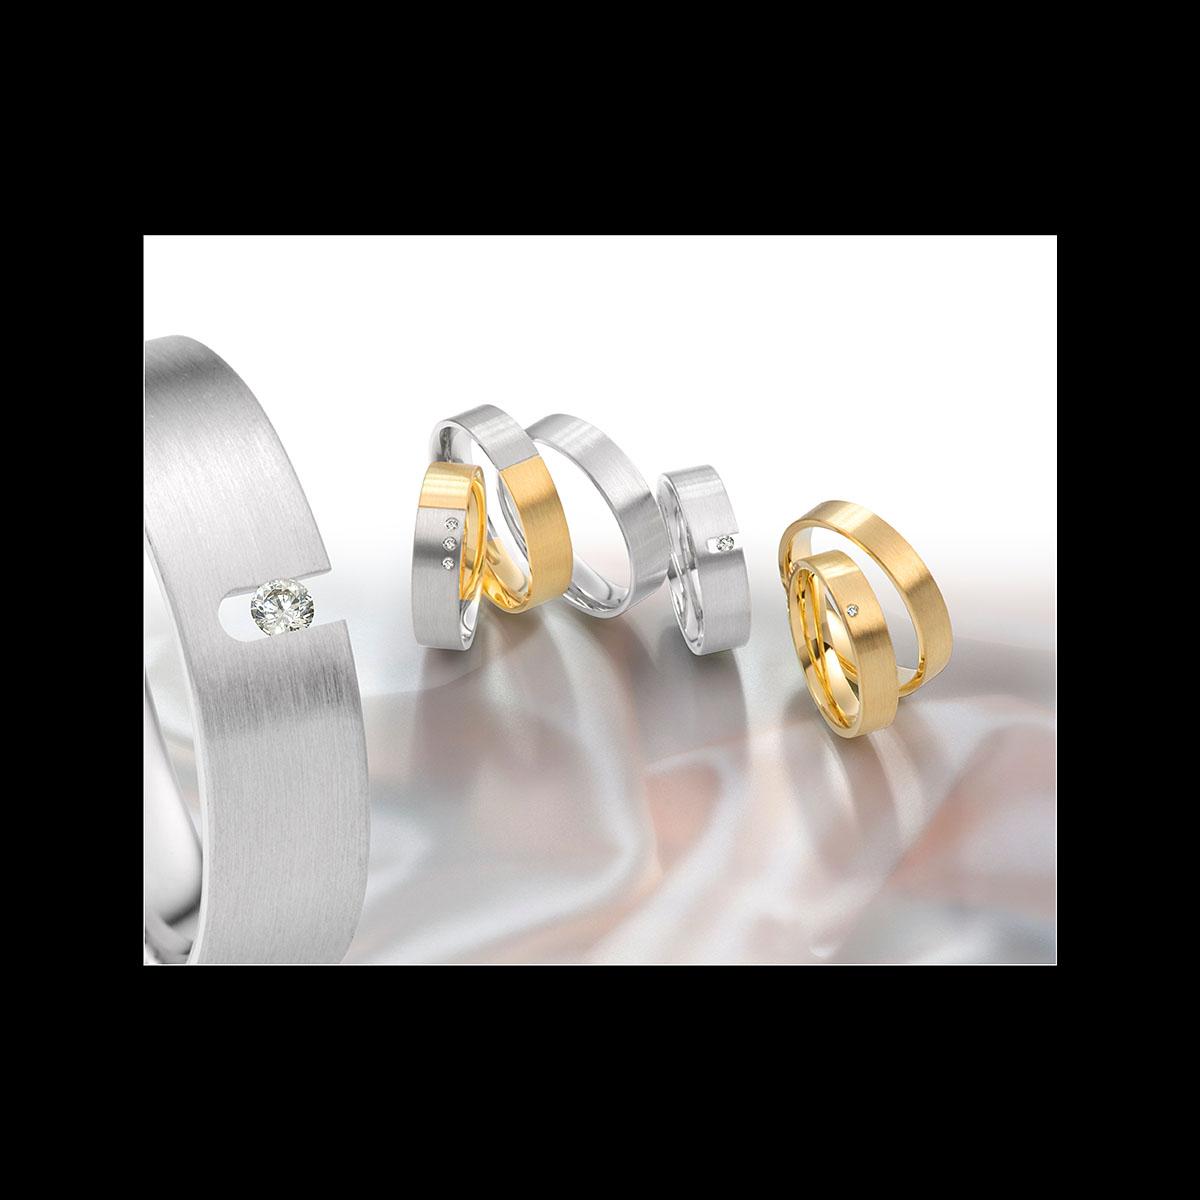 Von Analog zu digital - Ähnlich wie der Cibachrome® (Ilfochrome®) im klassischen Bereich zeichnet sich das MASTERCLASS Metallic Pearl von Sihl durch besonderen Glanz und eine hohe Brillanz sowie extreme Schärfe aus.